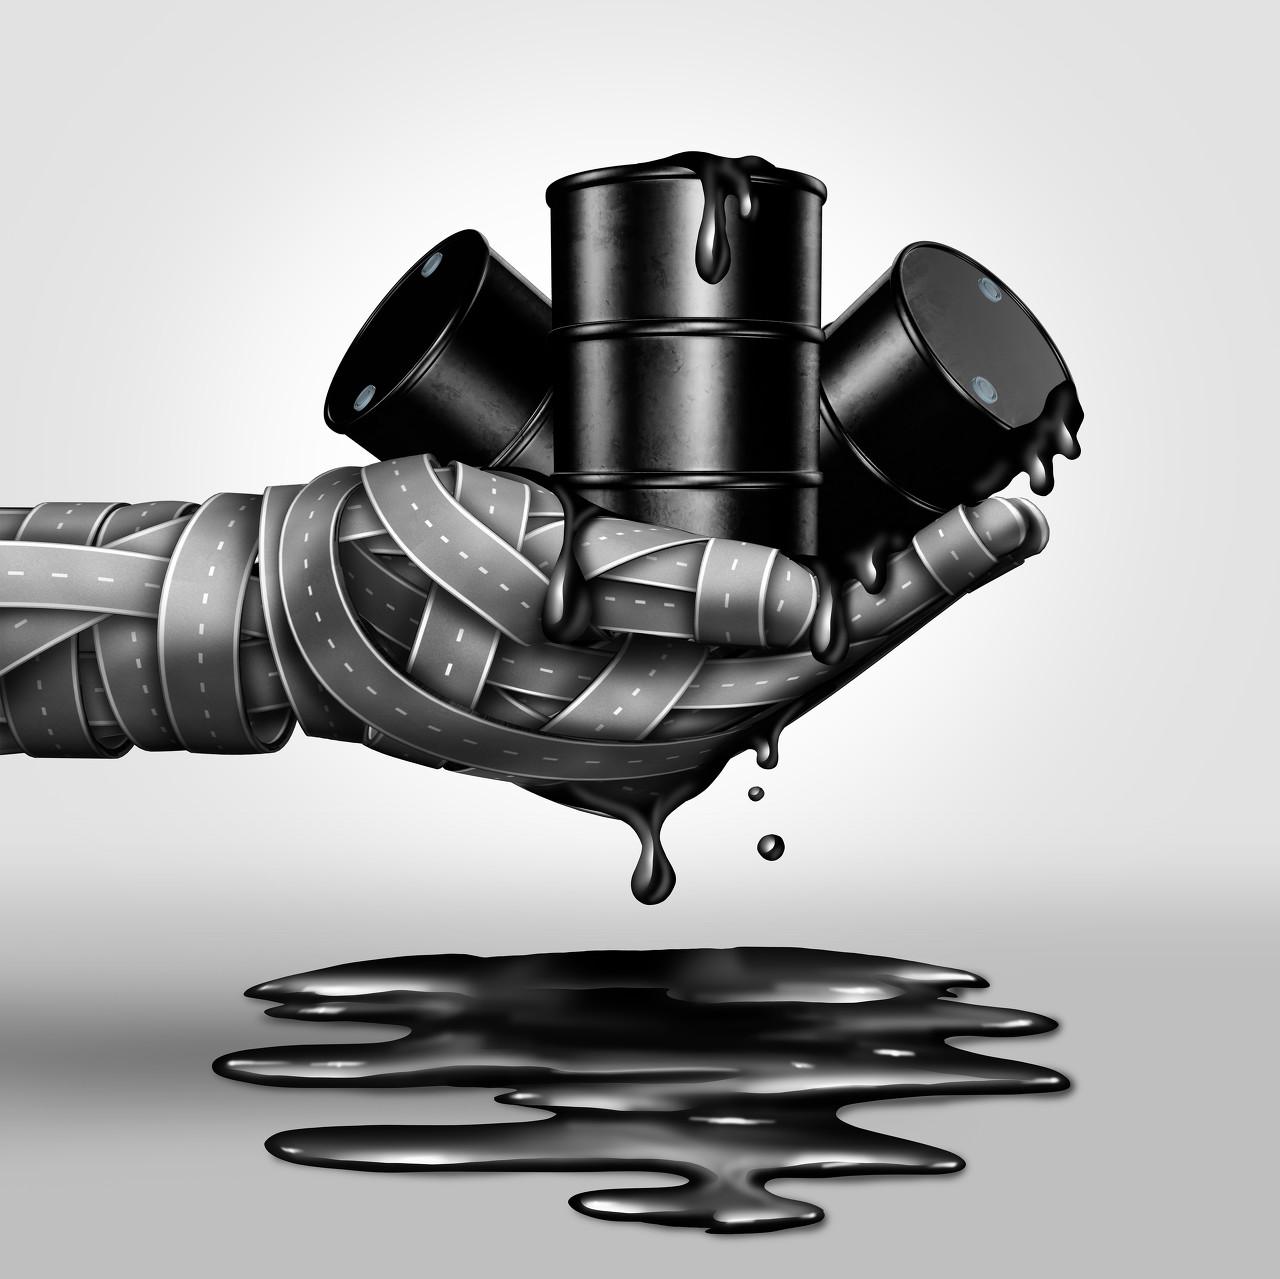 苏伊士运河对油价的影响 使已经中断的供应链雪上加霜